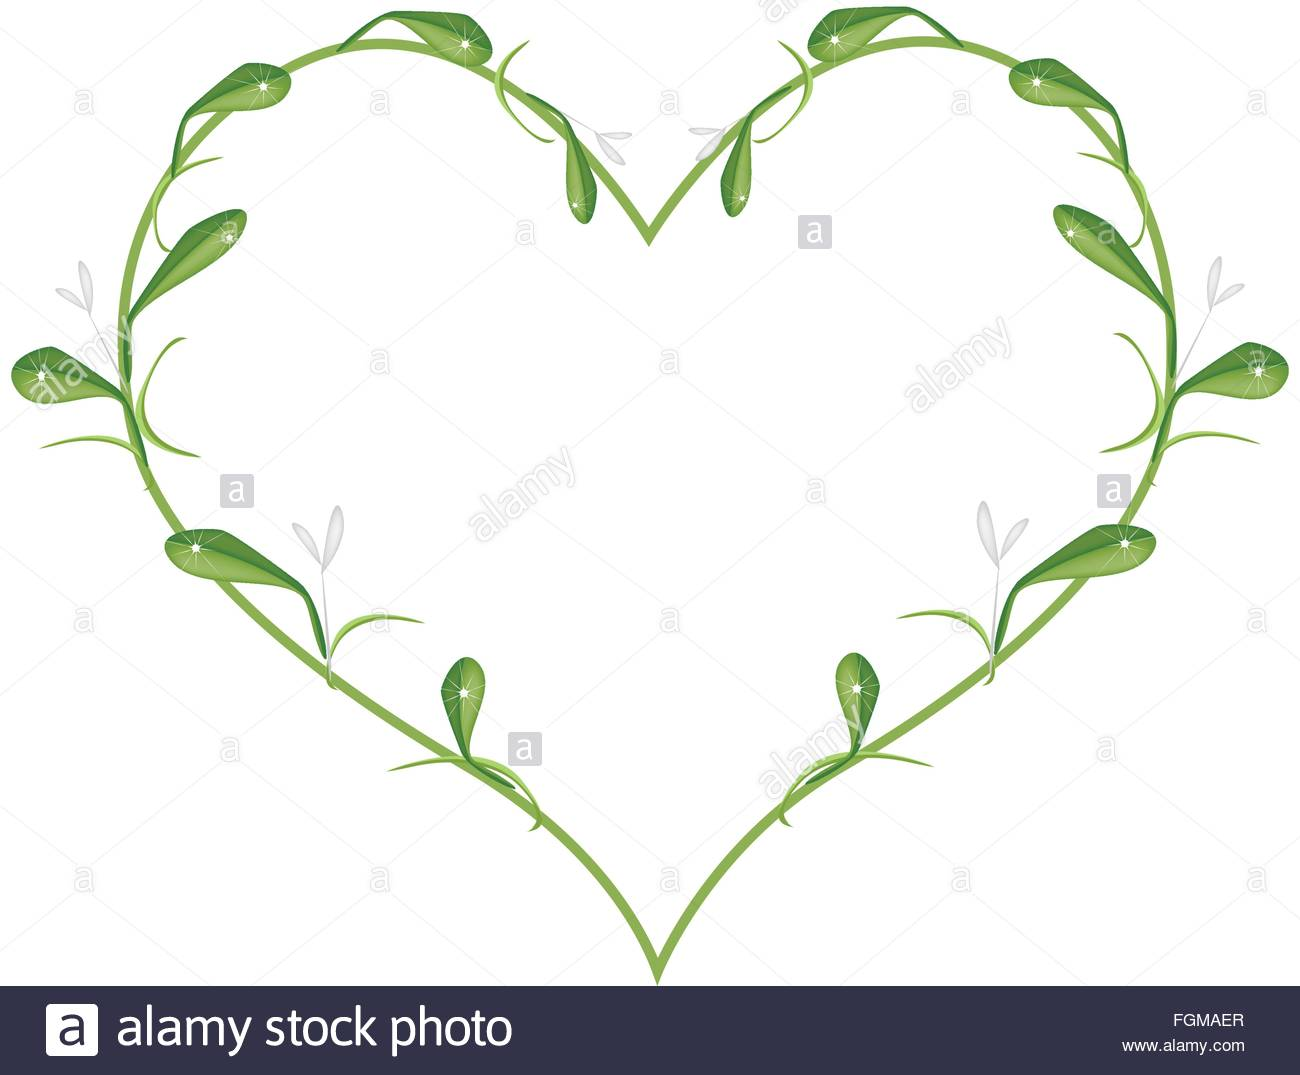 Love Concept, Illustration Of Lovely Mistletoe Or Viscum Album.